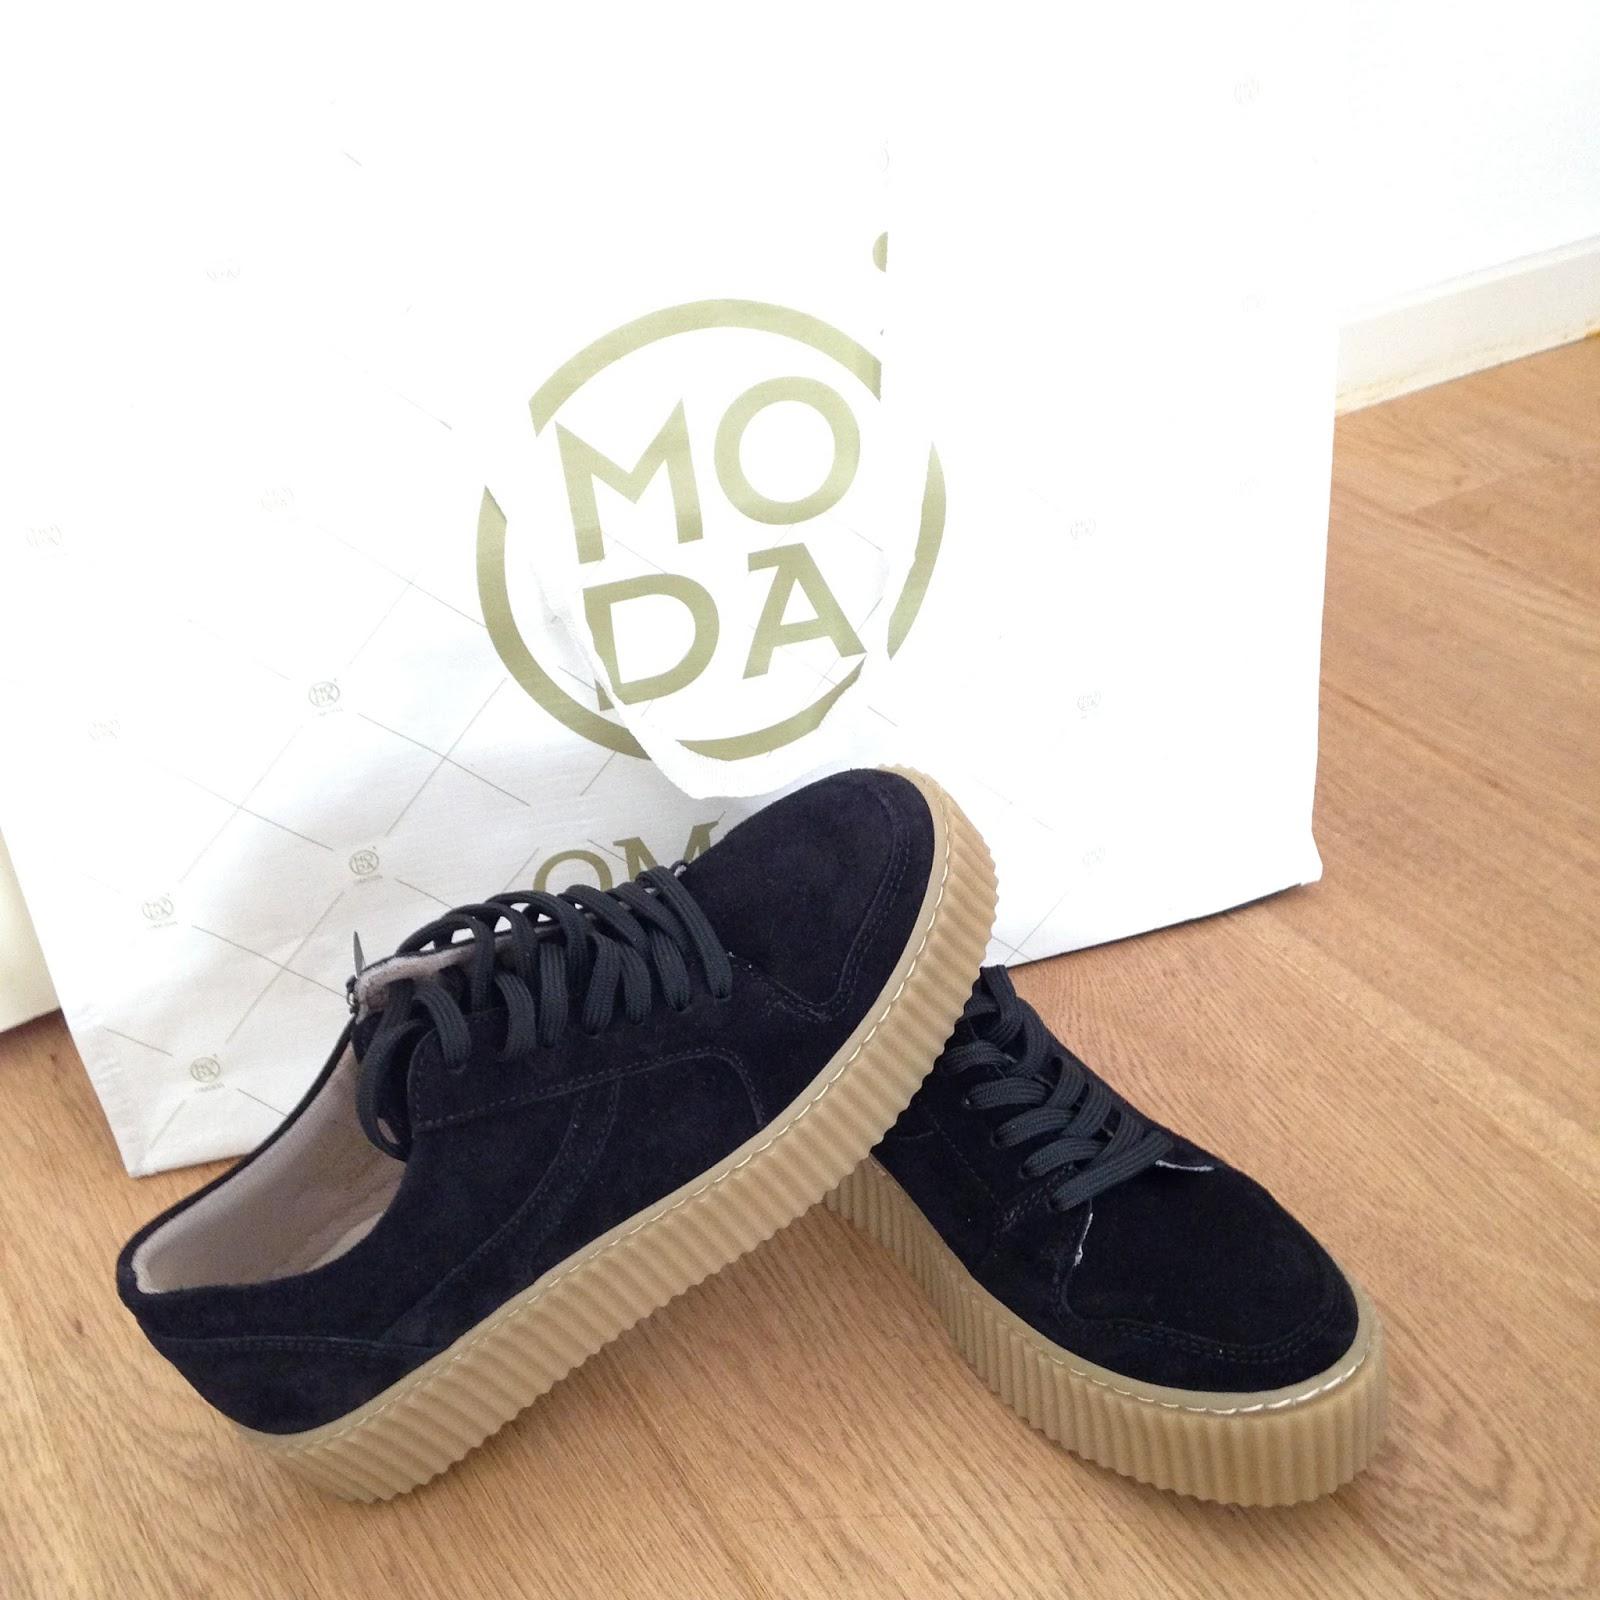 ik wil nieuwe schoenen